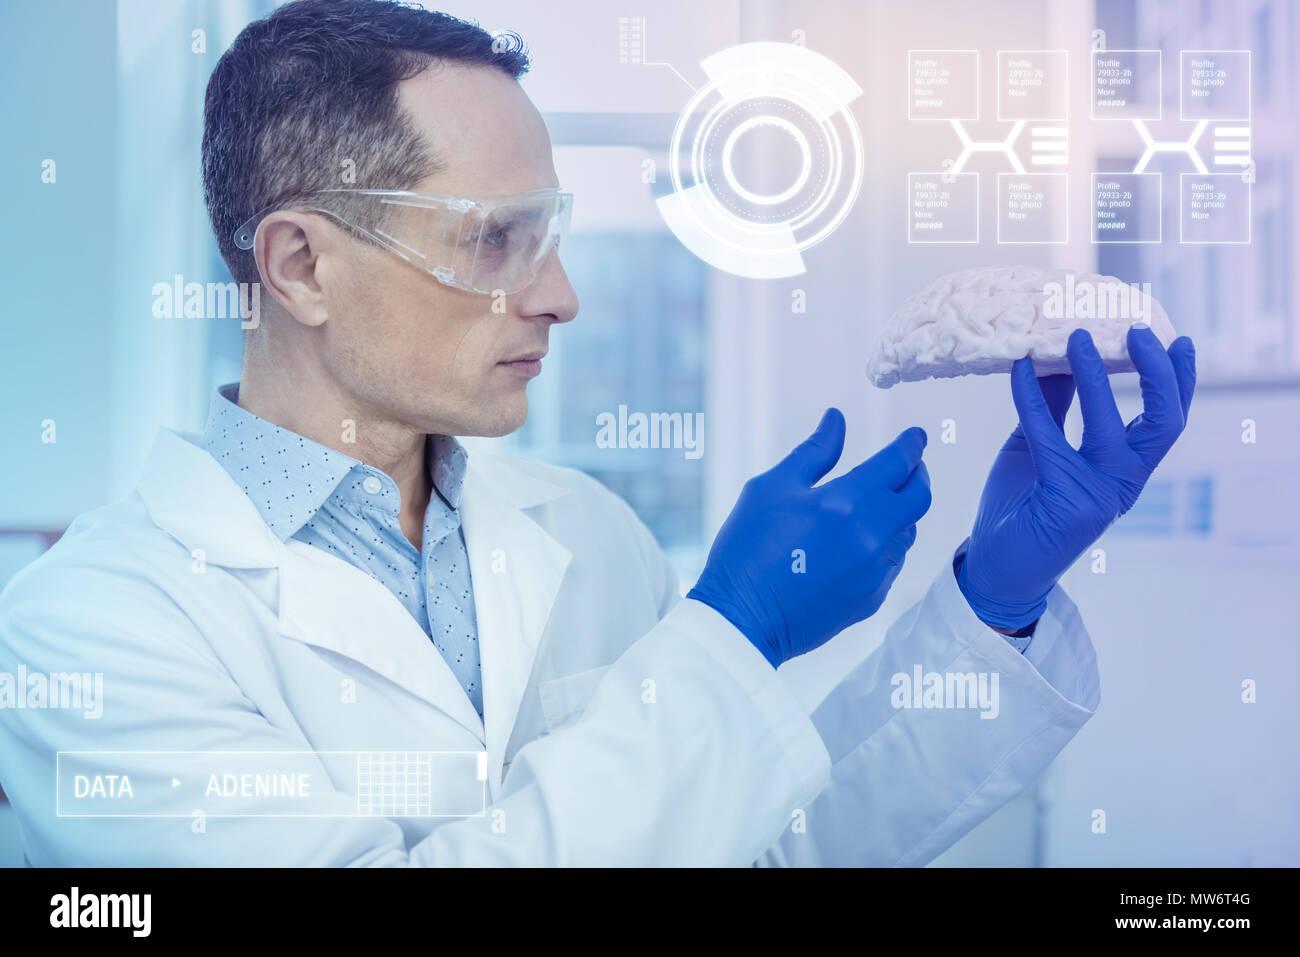 El biólogo serio fruncir el ceño mientras mira el modelo de cerebro humano Imagen De Stock